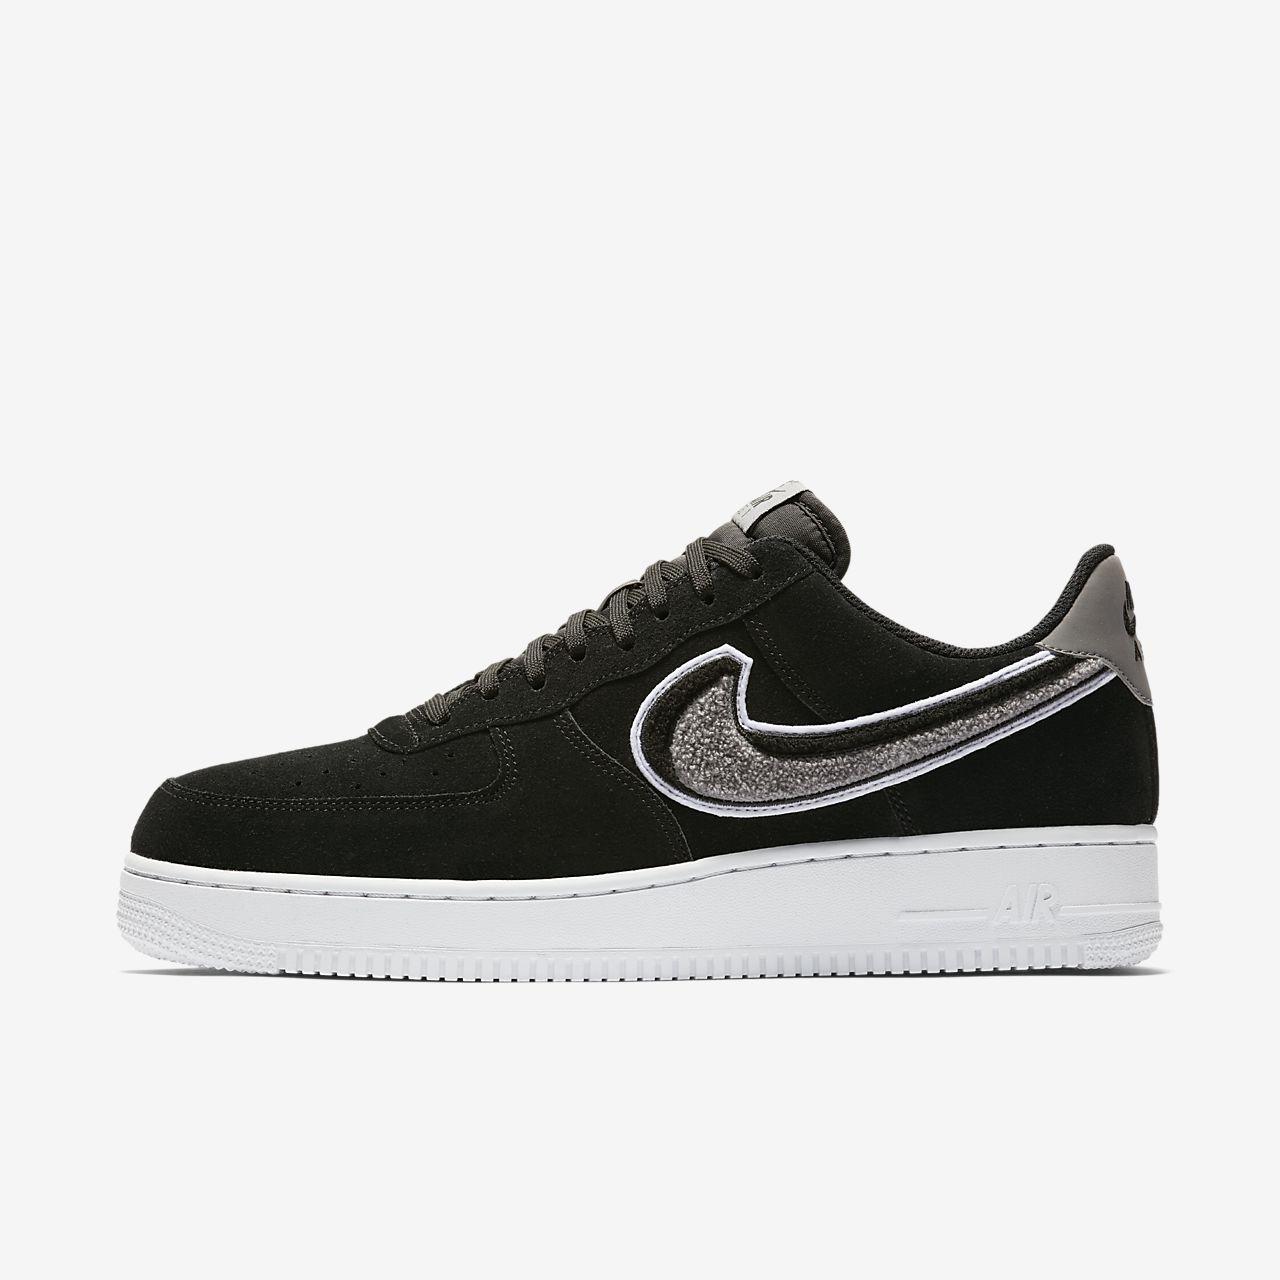 Calzado para hombre Nike Air Force 1 Low 07 LV8